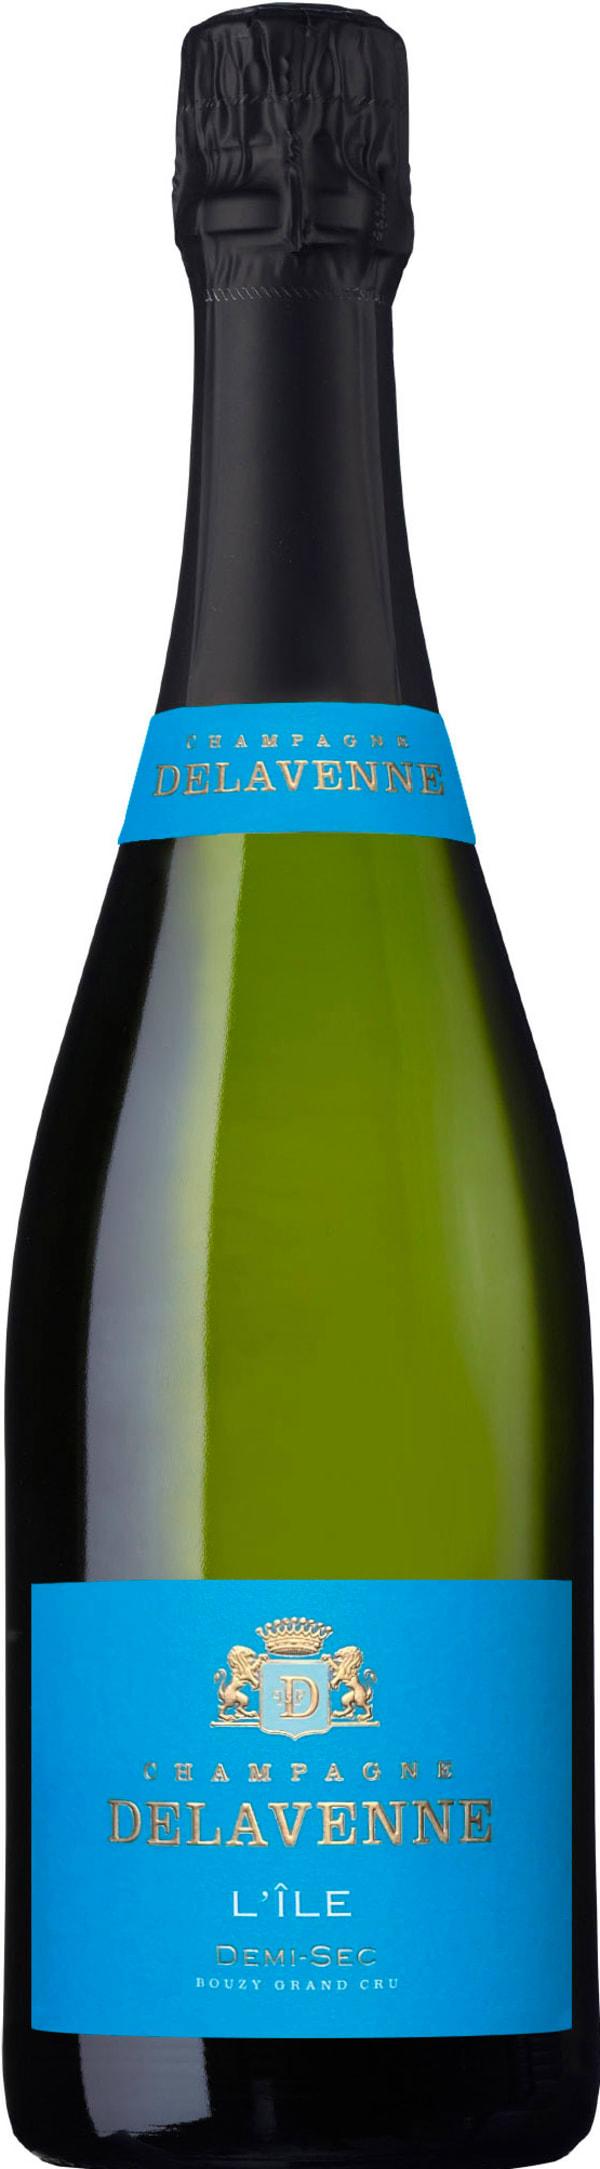 Delavenne Grand Cru Champagne Demi-Sec